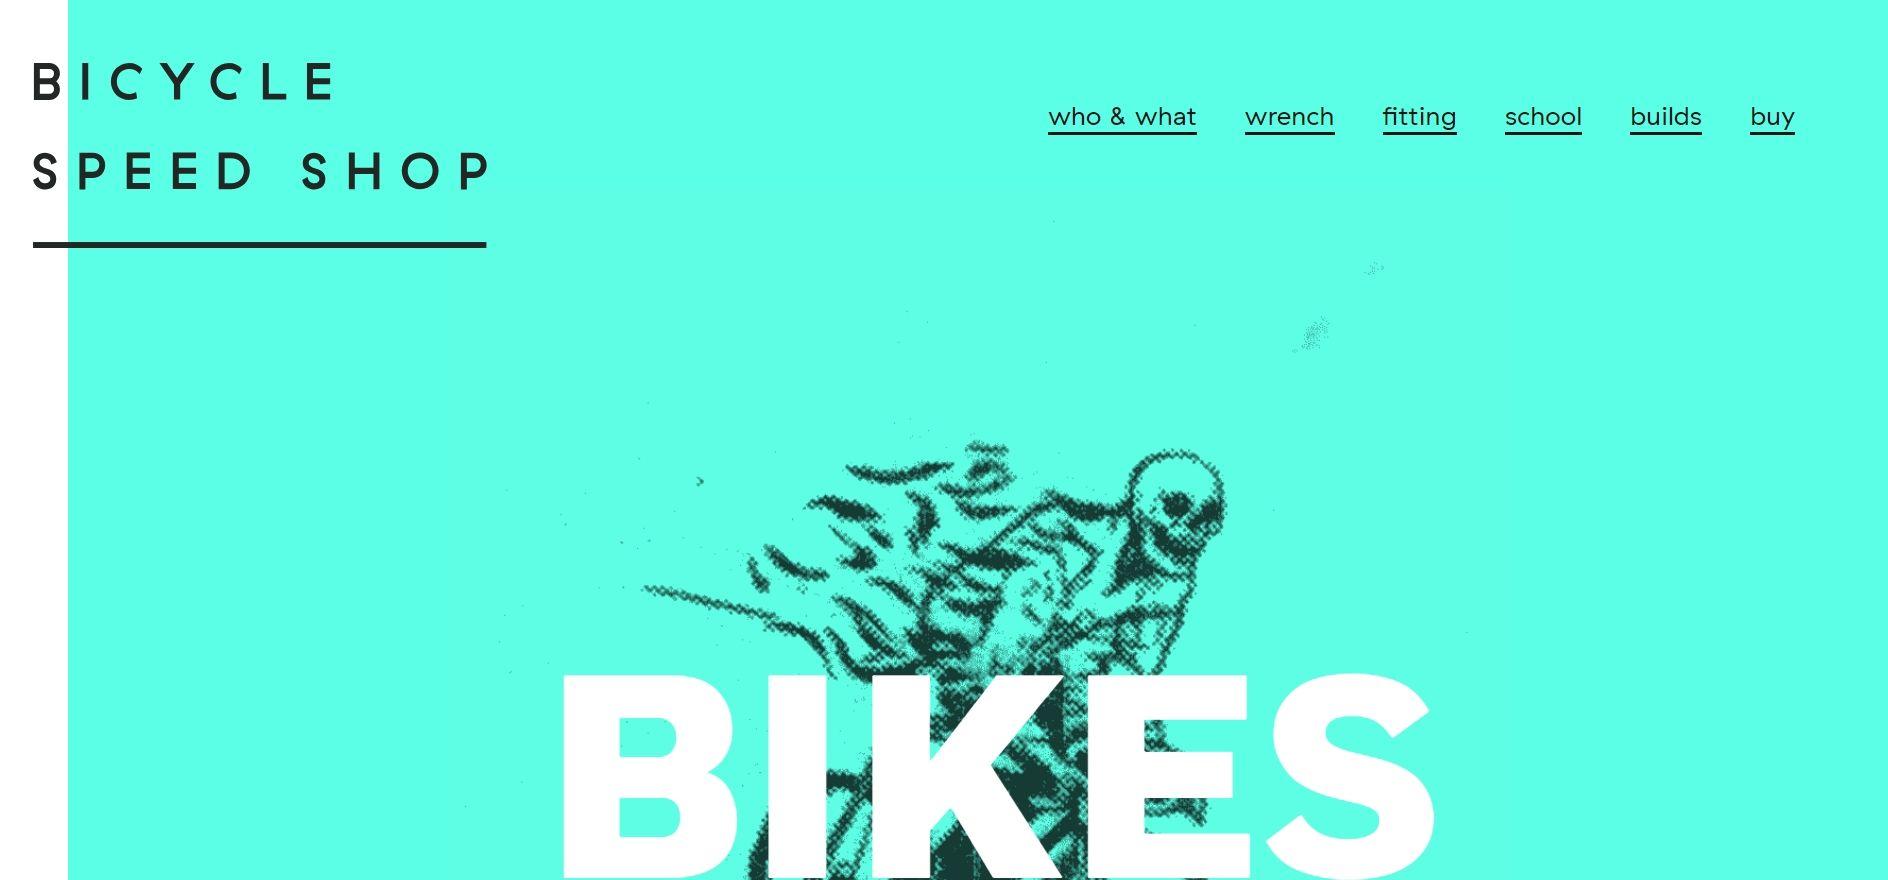 Ukázka využití výrazné barvy v designu stránky na bicyclespeedshop.co